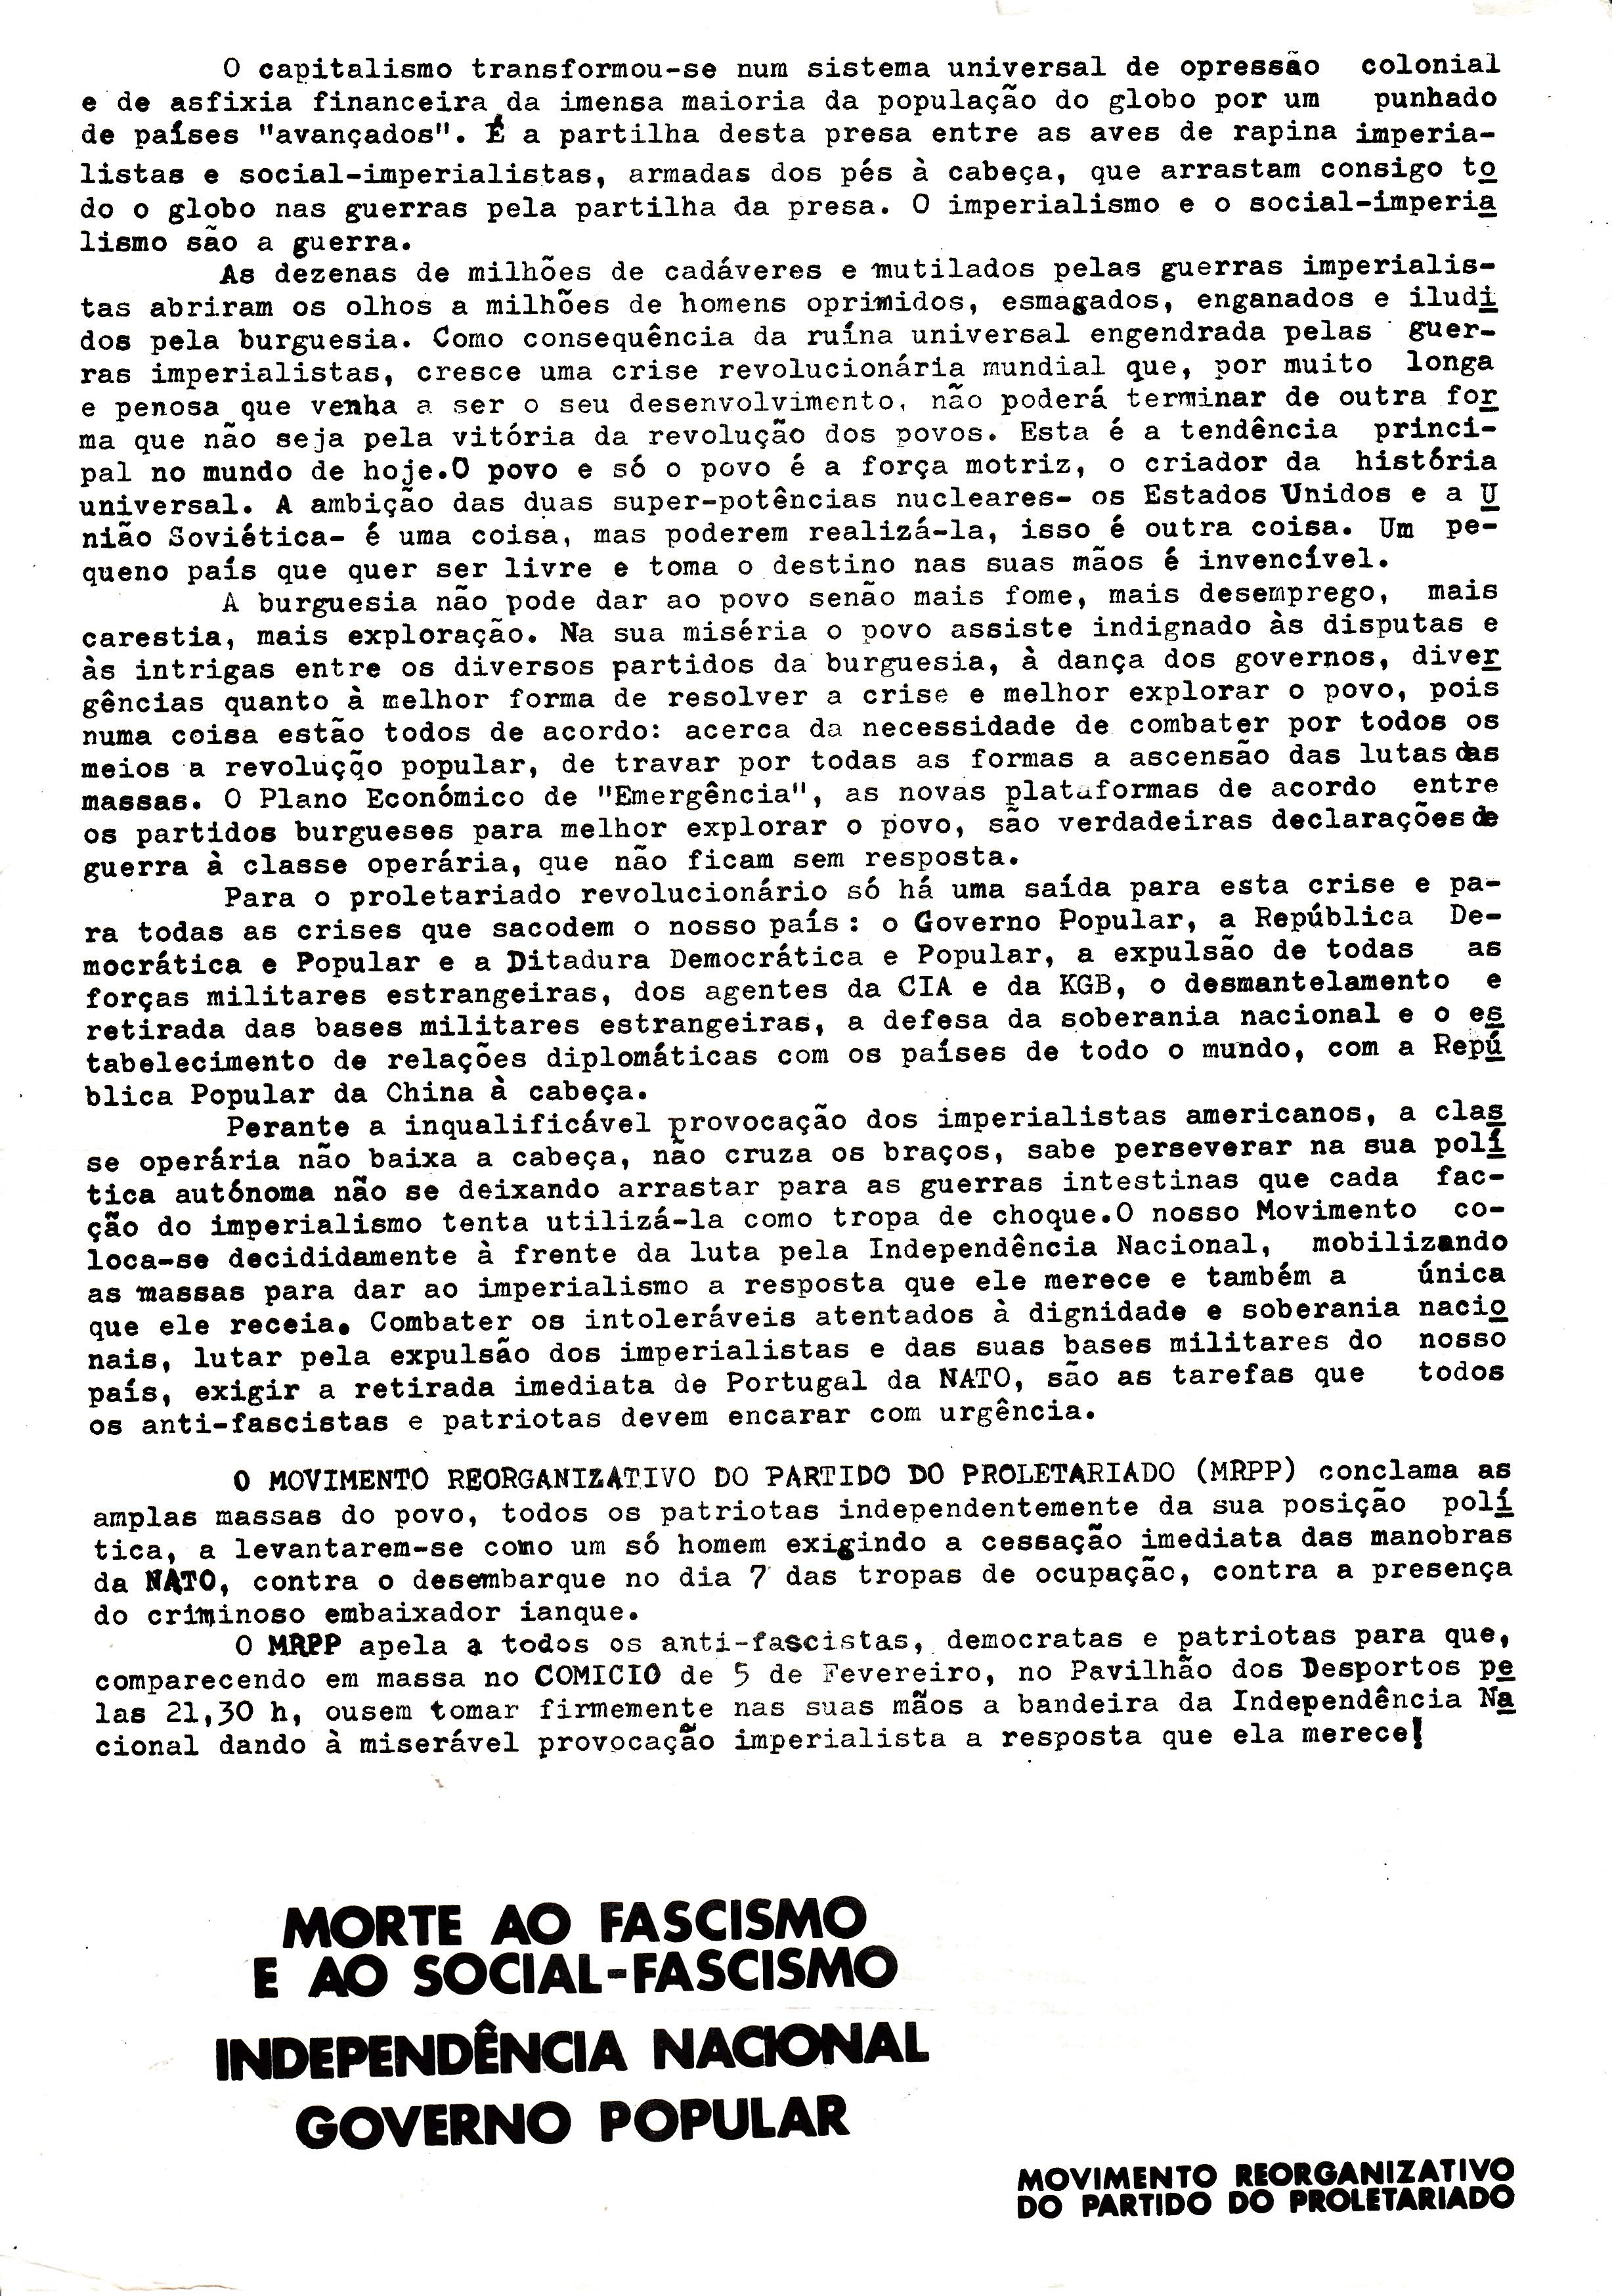 MRPP_1975_02_05_0002